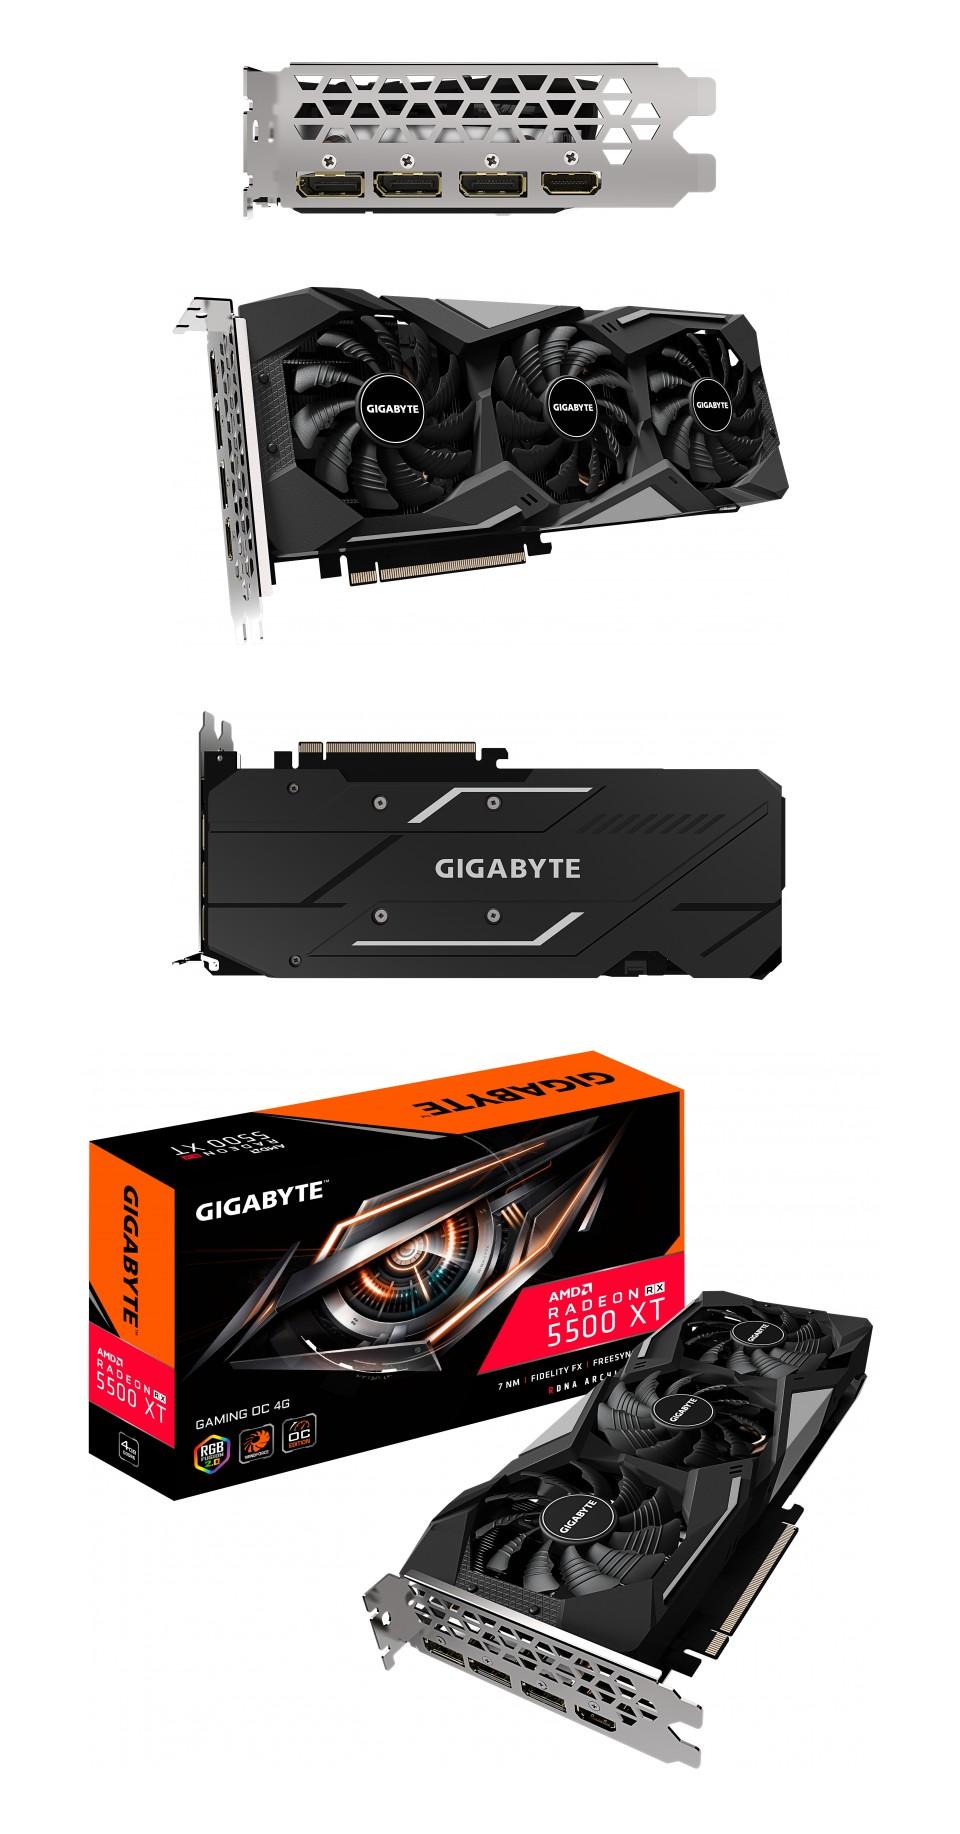 Gigabyte Radeon RX 5500 XT Gaming OC 4GB product